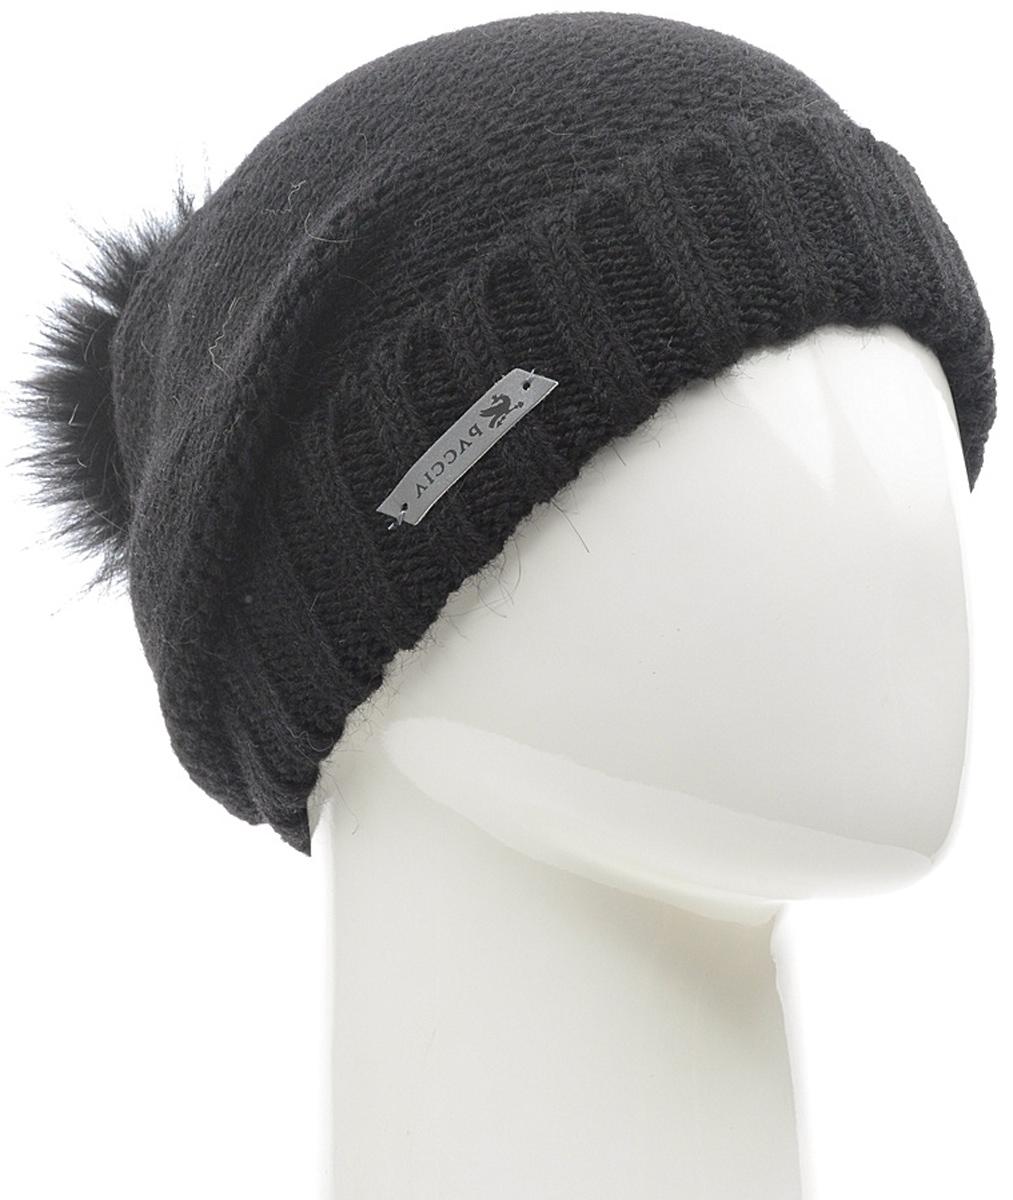 Шапка женская Paccia, цвет: черный. NR-21712-3. Размер 55/58NR-21712-3Стильная женская шапка-бини Paccia выполнена из акрила с добавлением шерсти. Модель дополнена отворотом и меховым помпоном. Эта шапка не только согреет в прохладную погоду, но и стильно дополнит ваш образ.